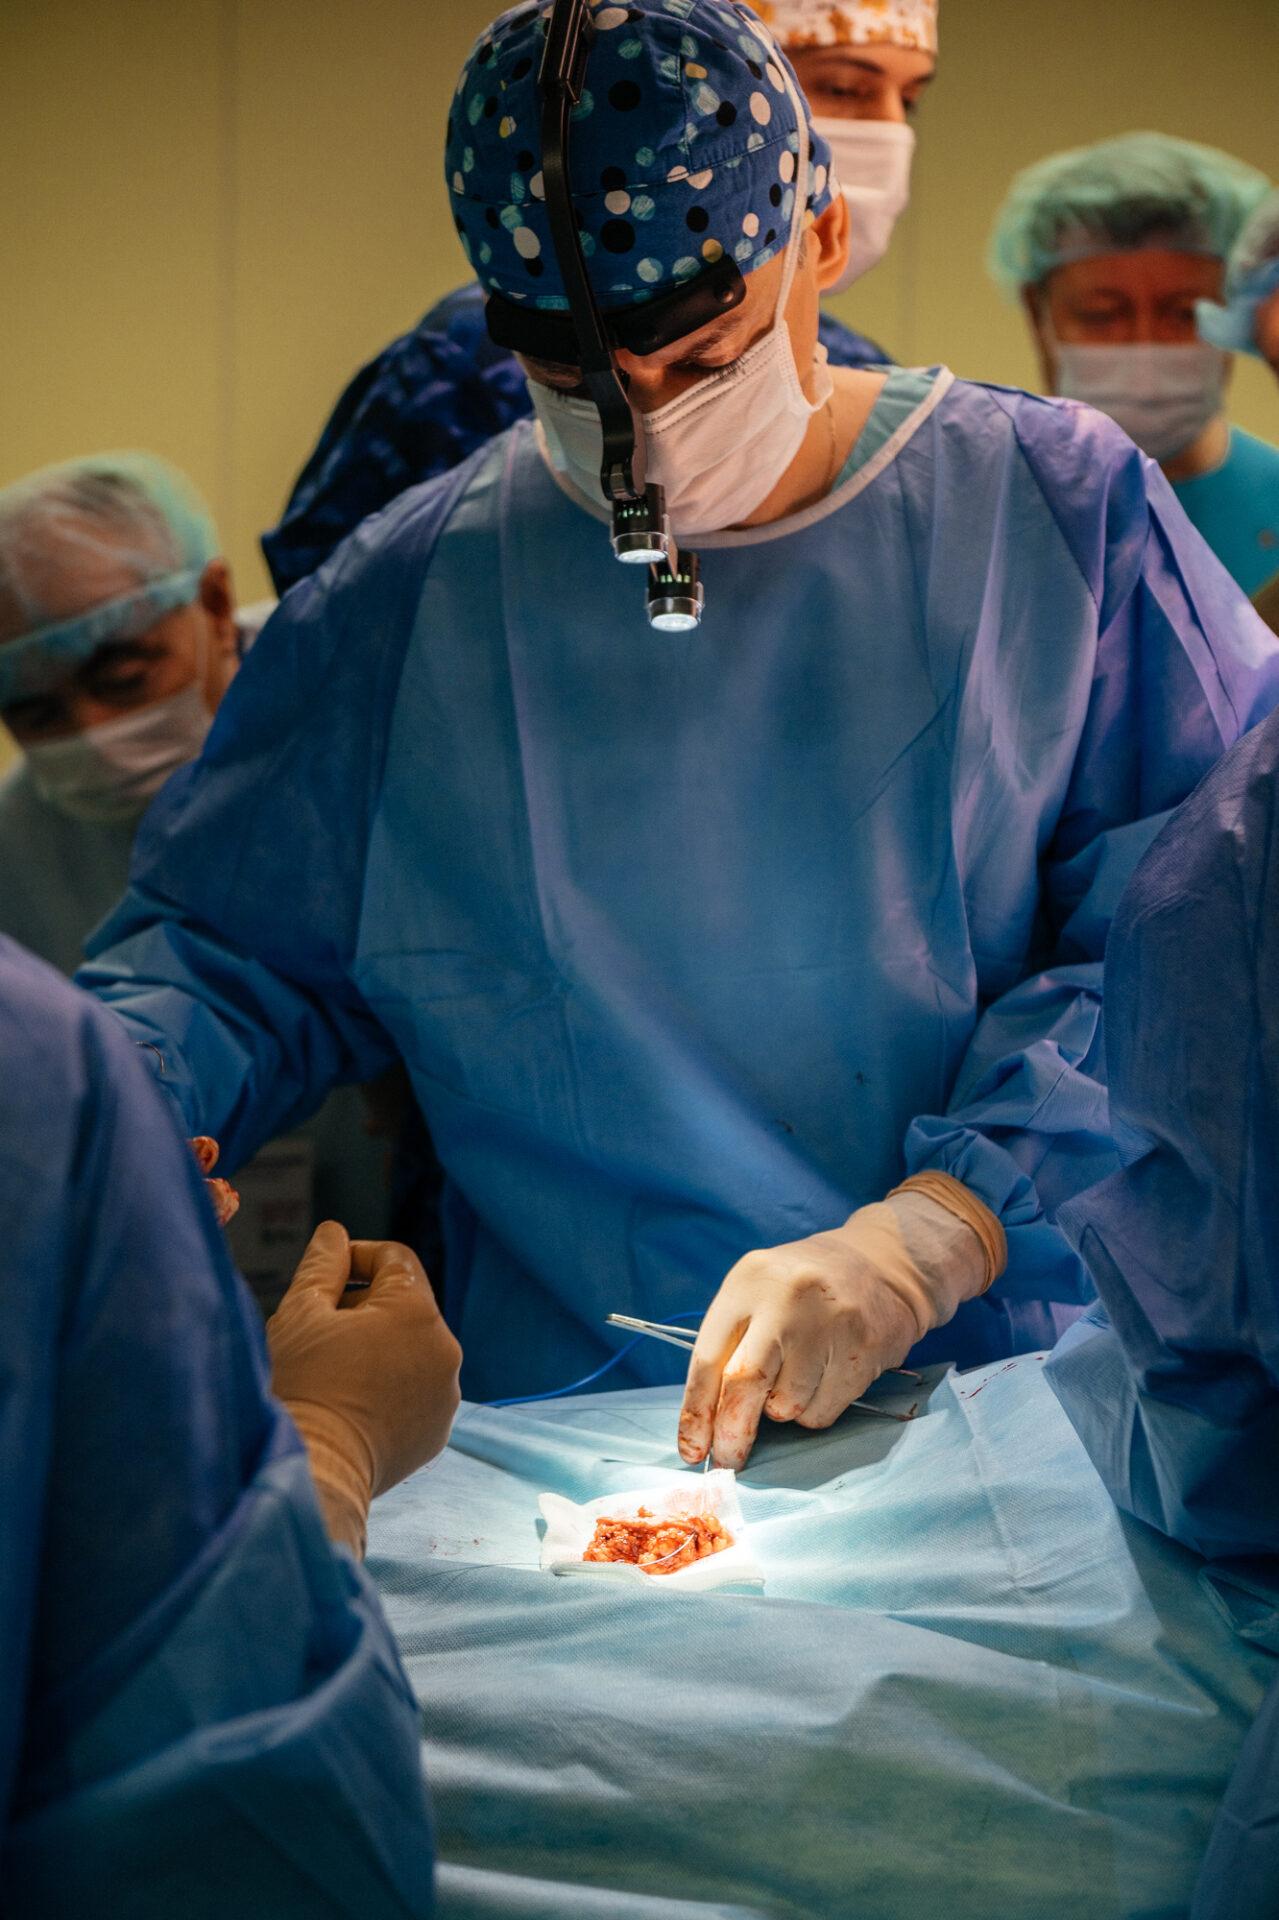 Научно-практическая школа по хирургическому лечению рака молочной железы